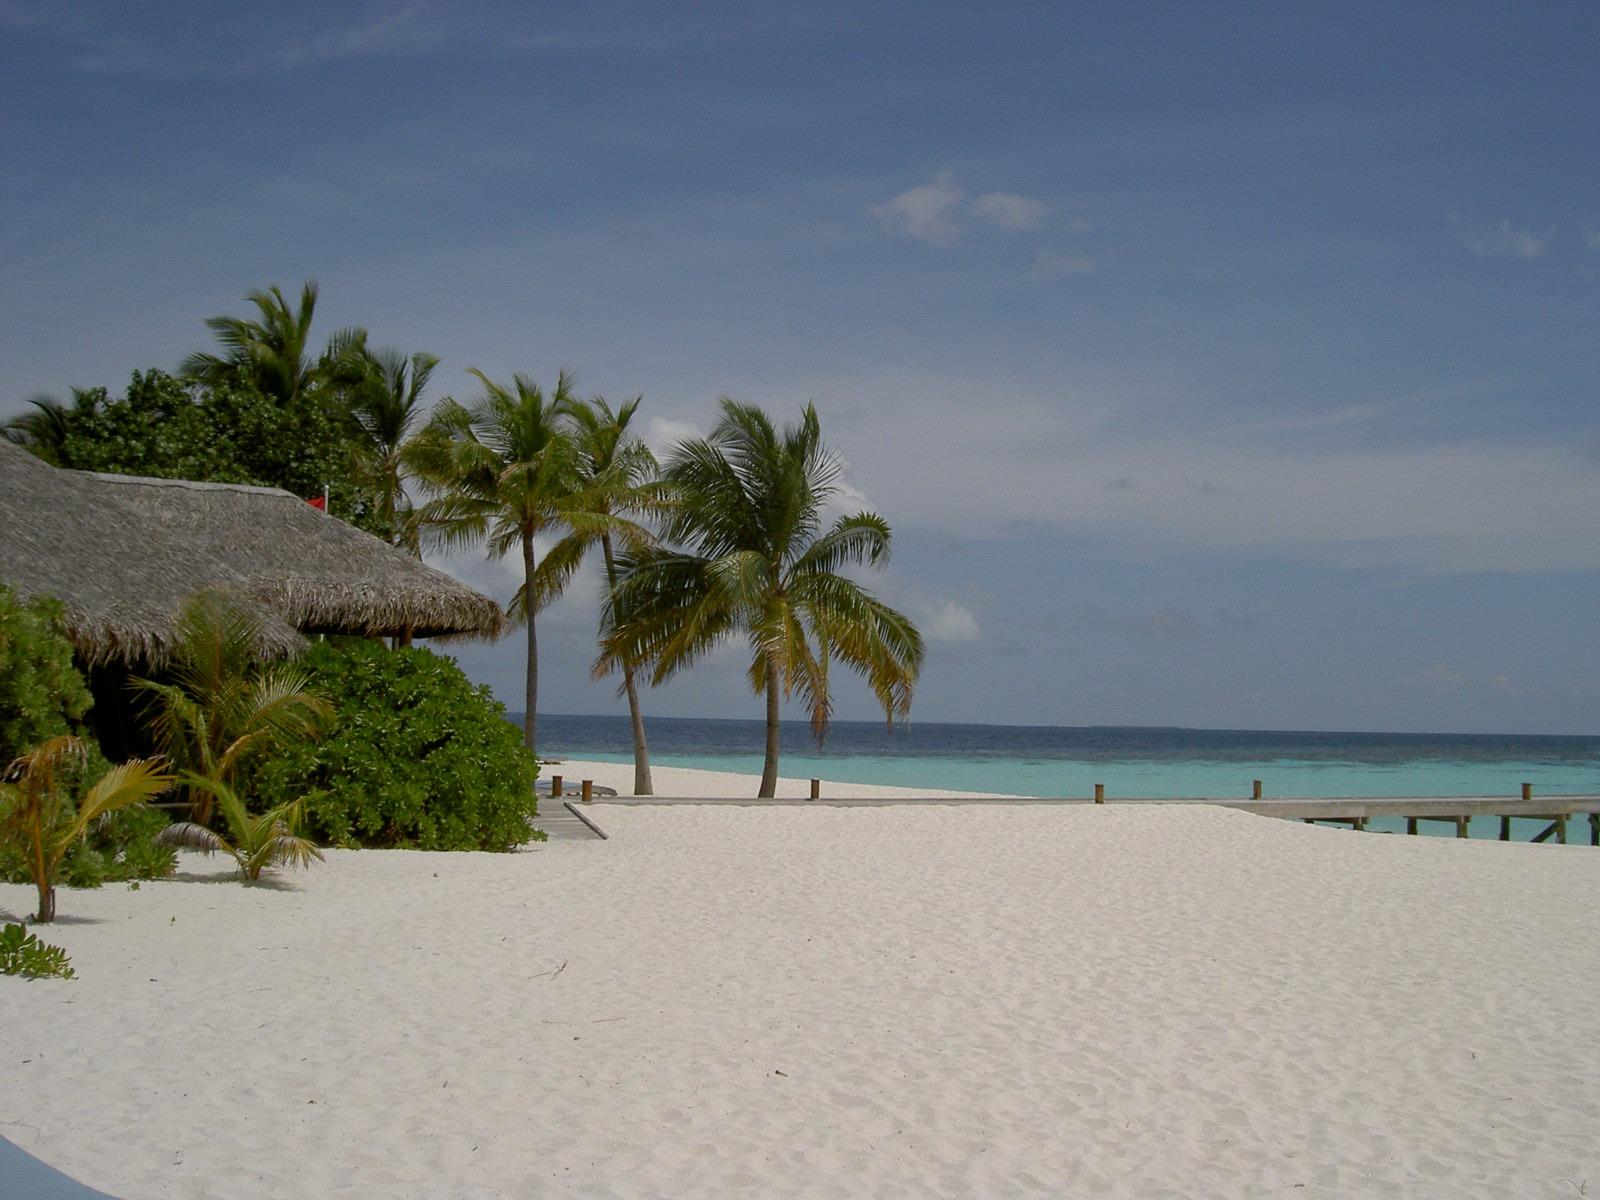 günstige Reiseangebote für die Malediven